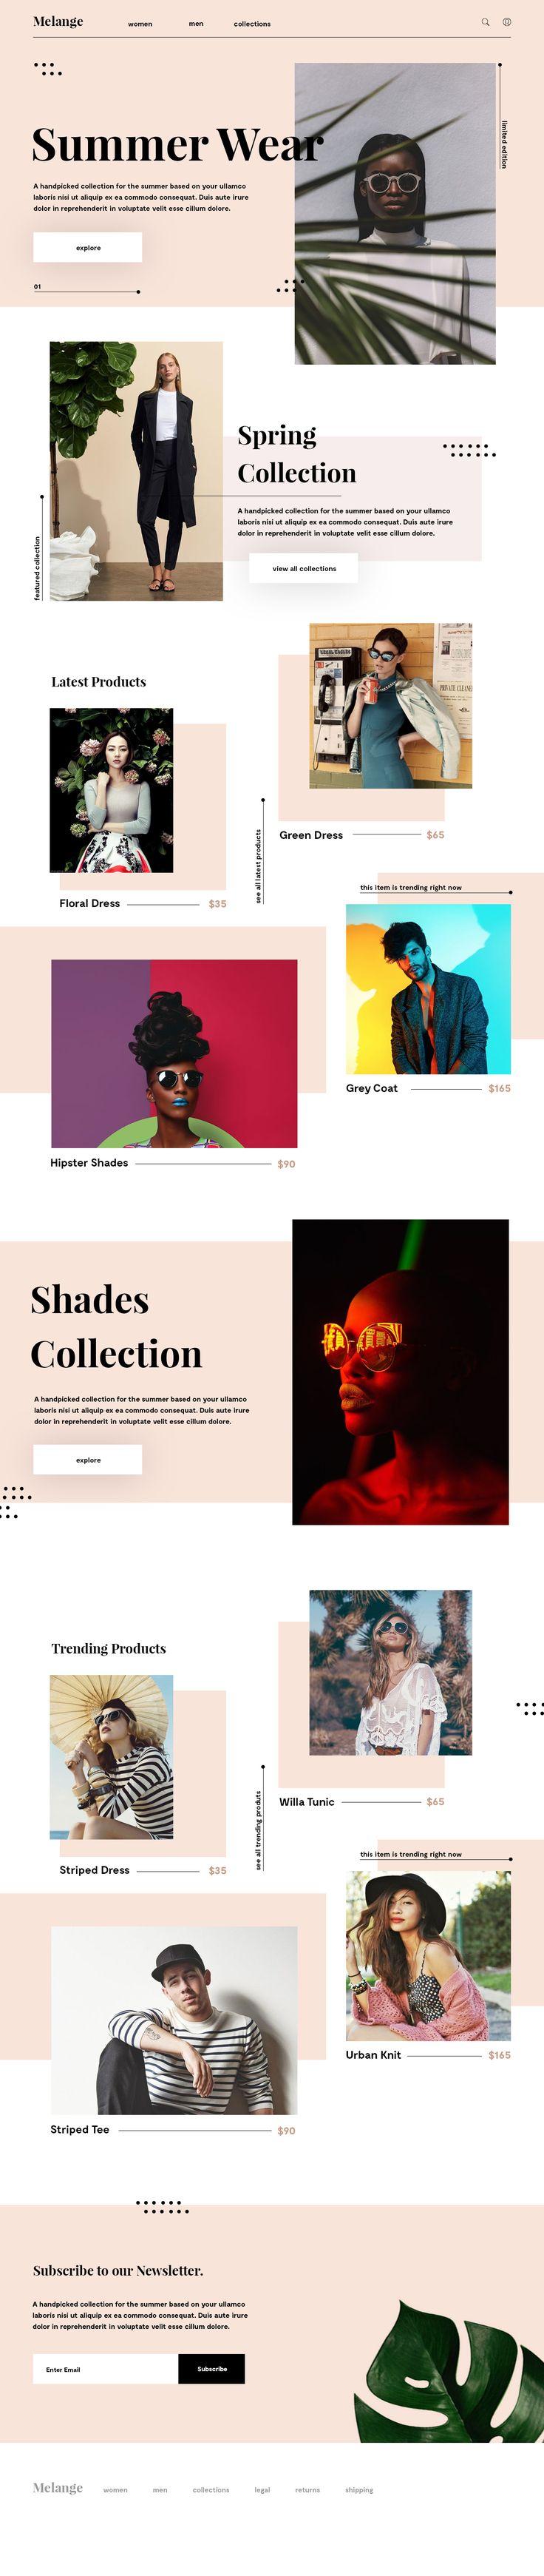 Melange website